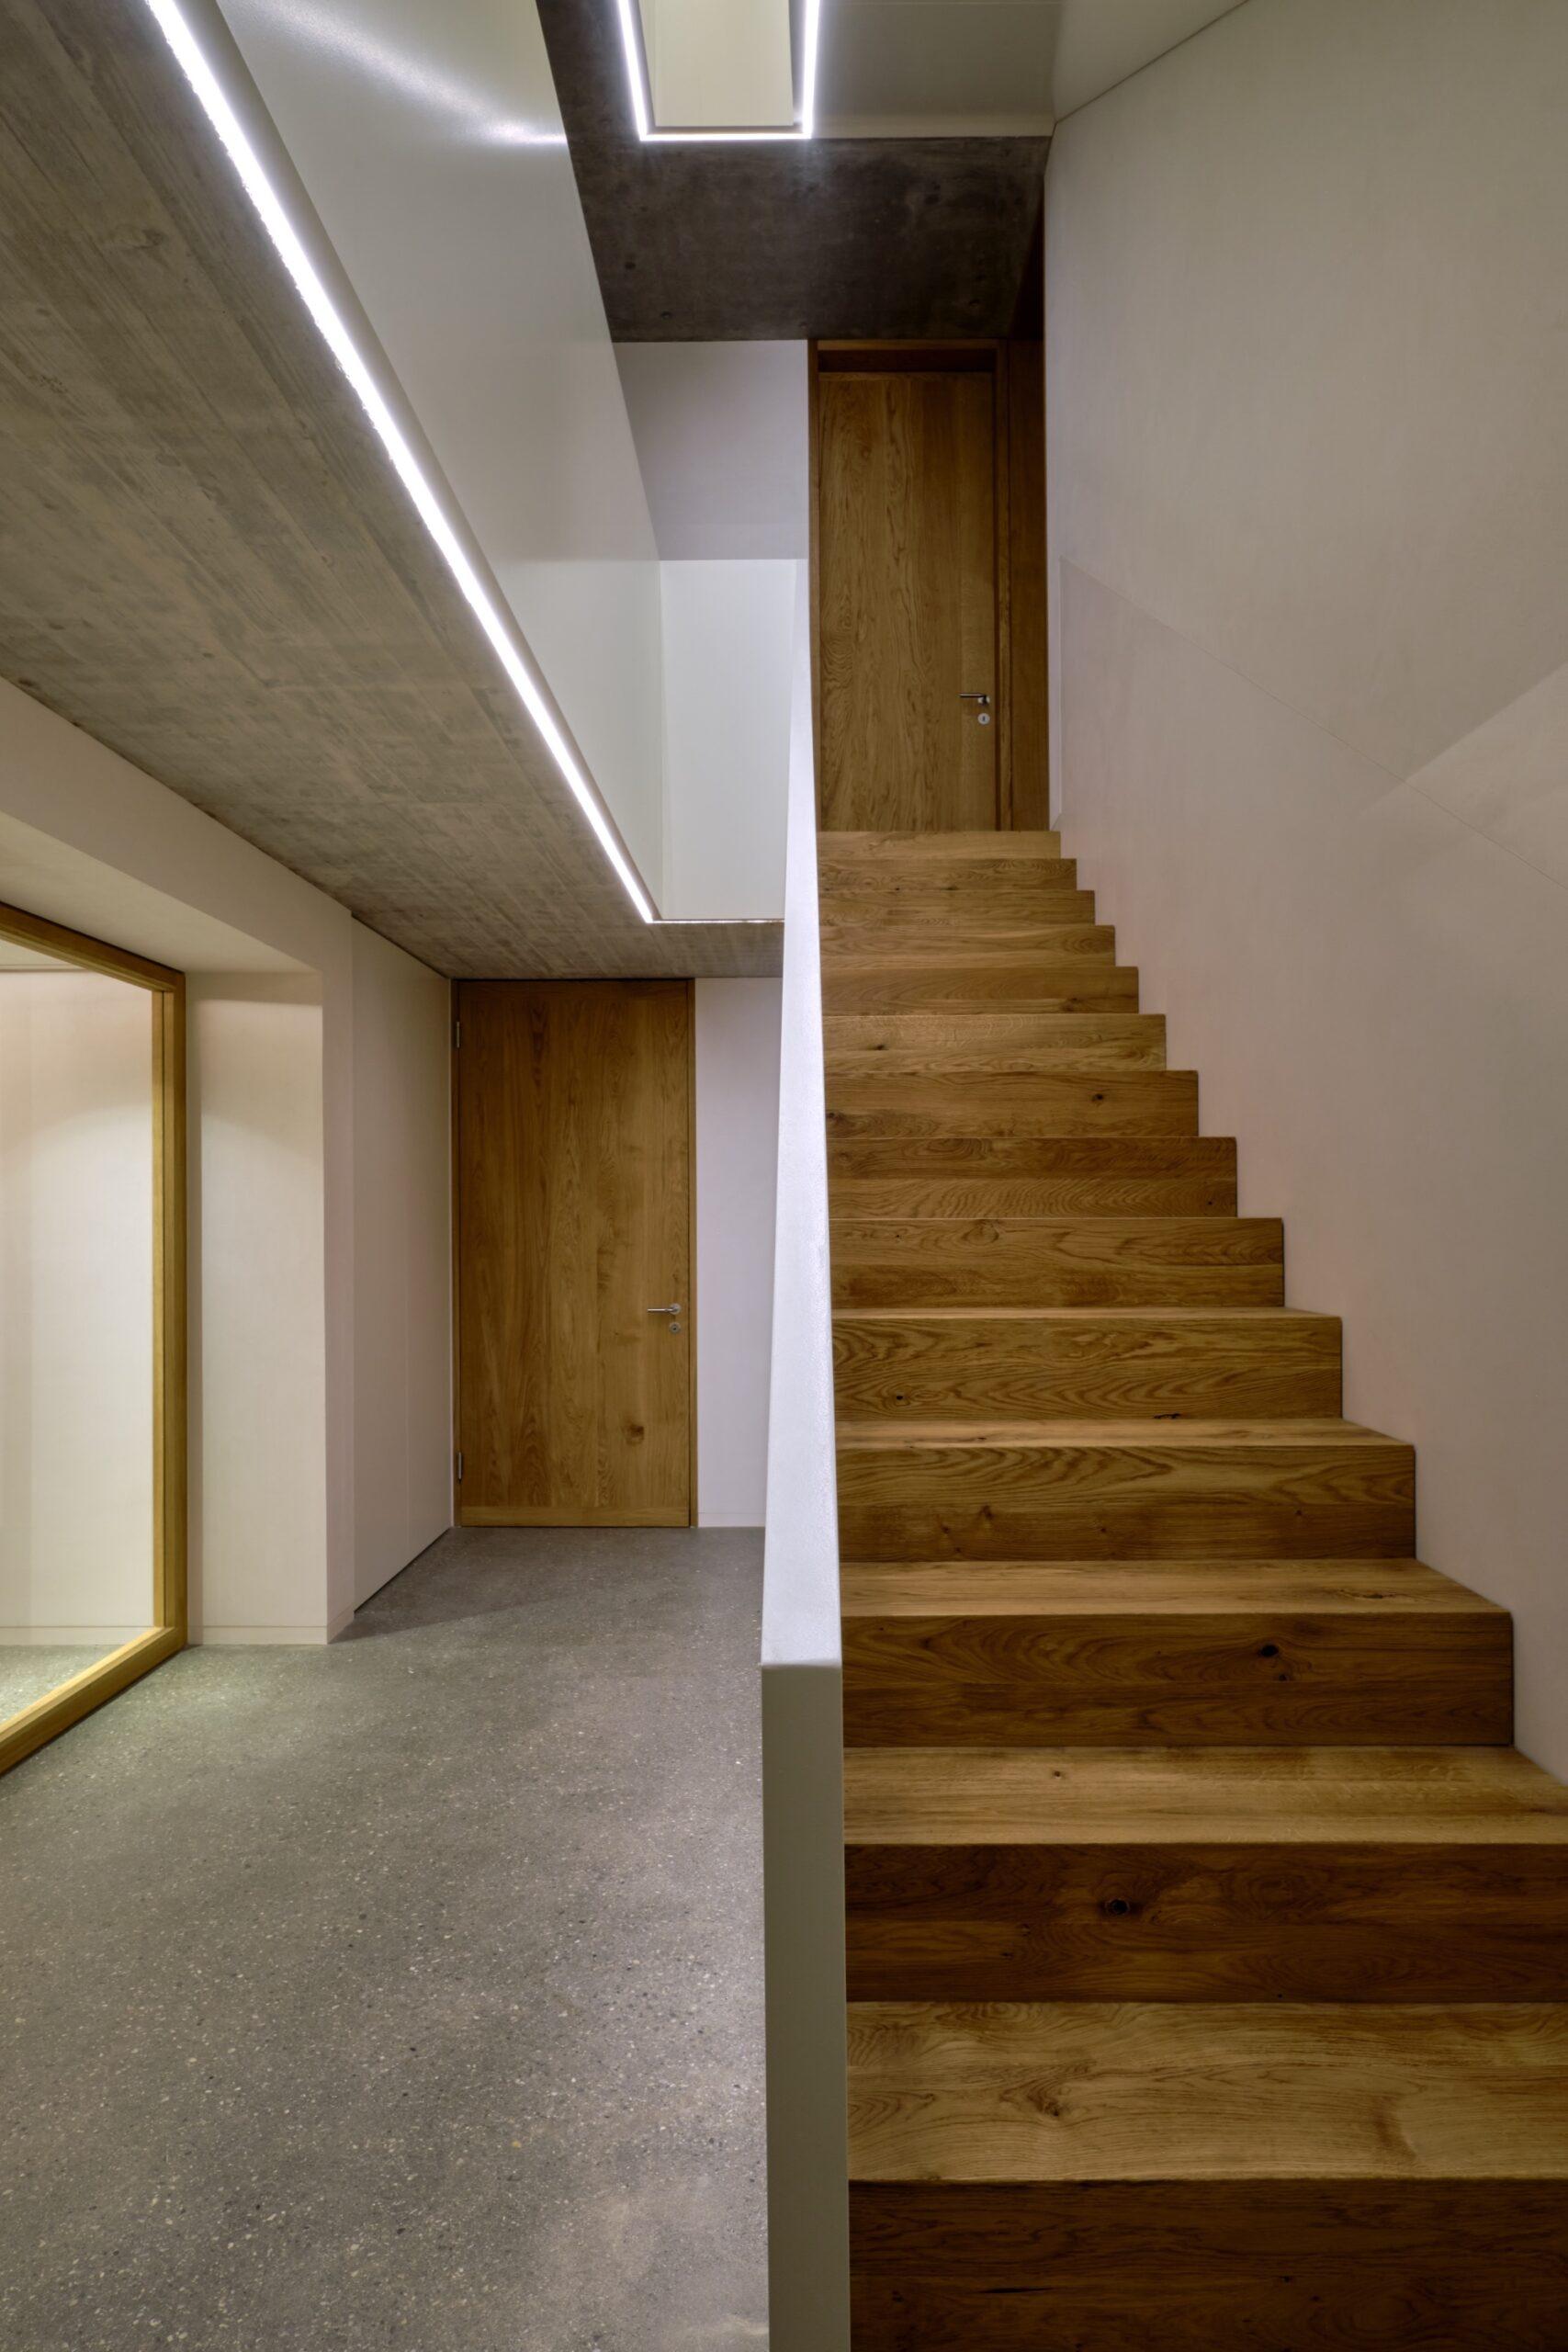 Haus Holdergasse, Eingangsbereich, Stiegenhaus, BE Architekten, Olex, Oliver Lins